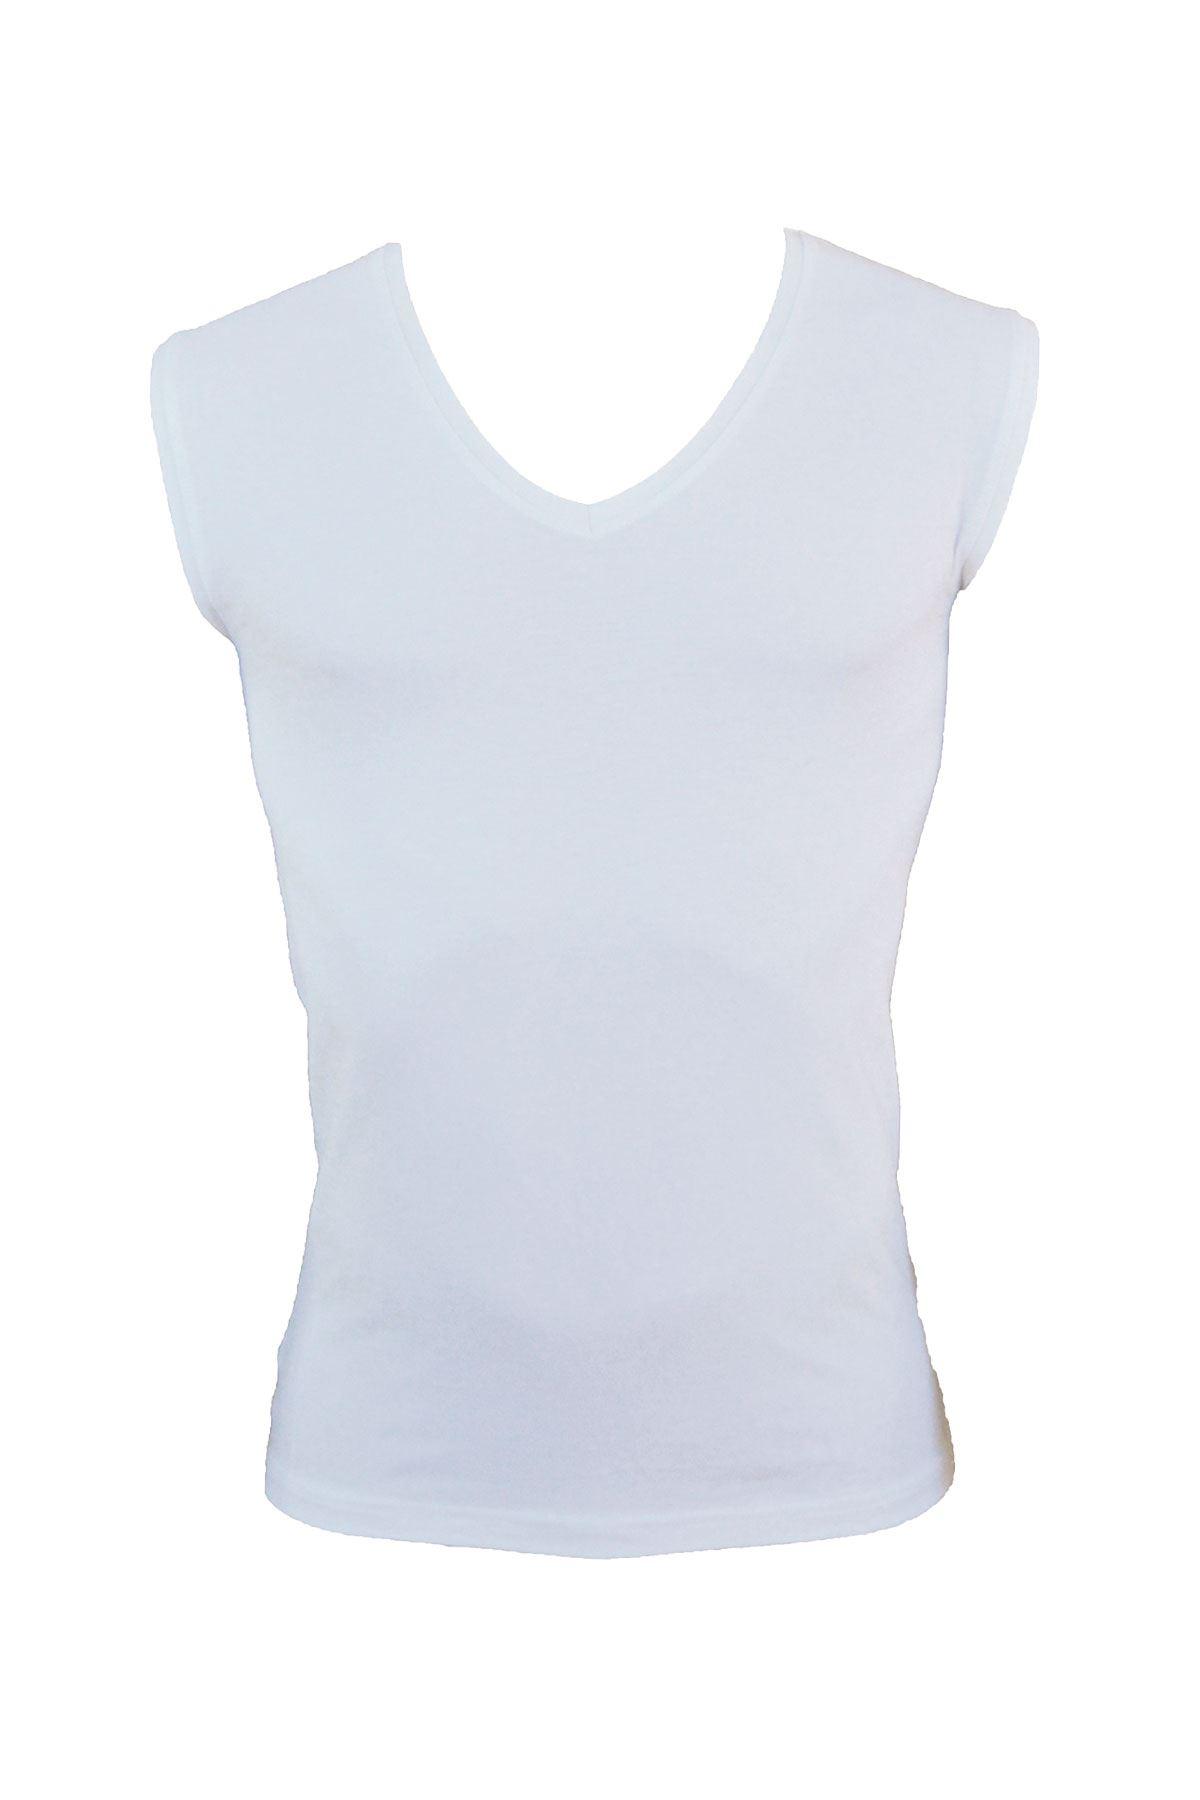 Beyaz Erkek V Yaka Kolsuz Cotton Body 091